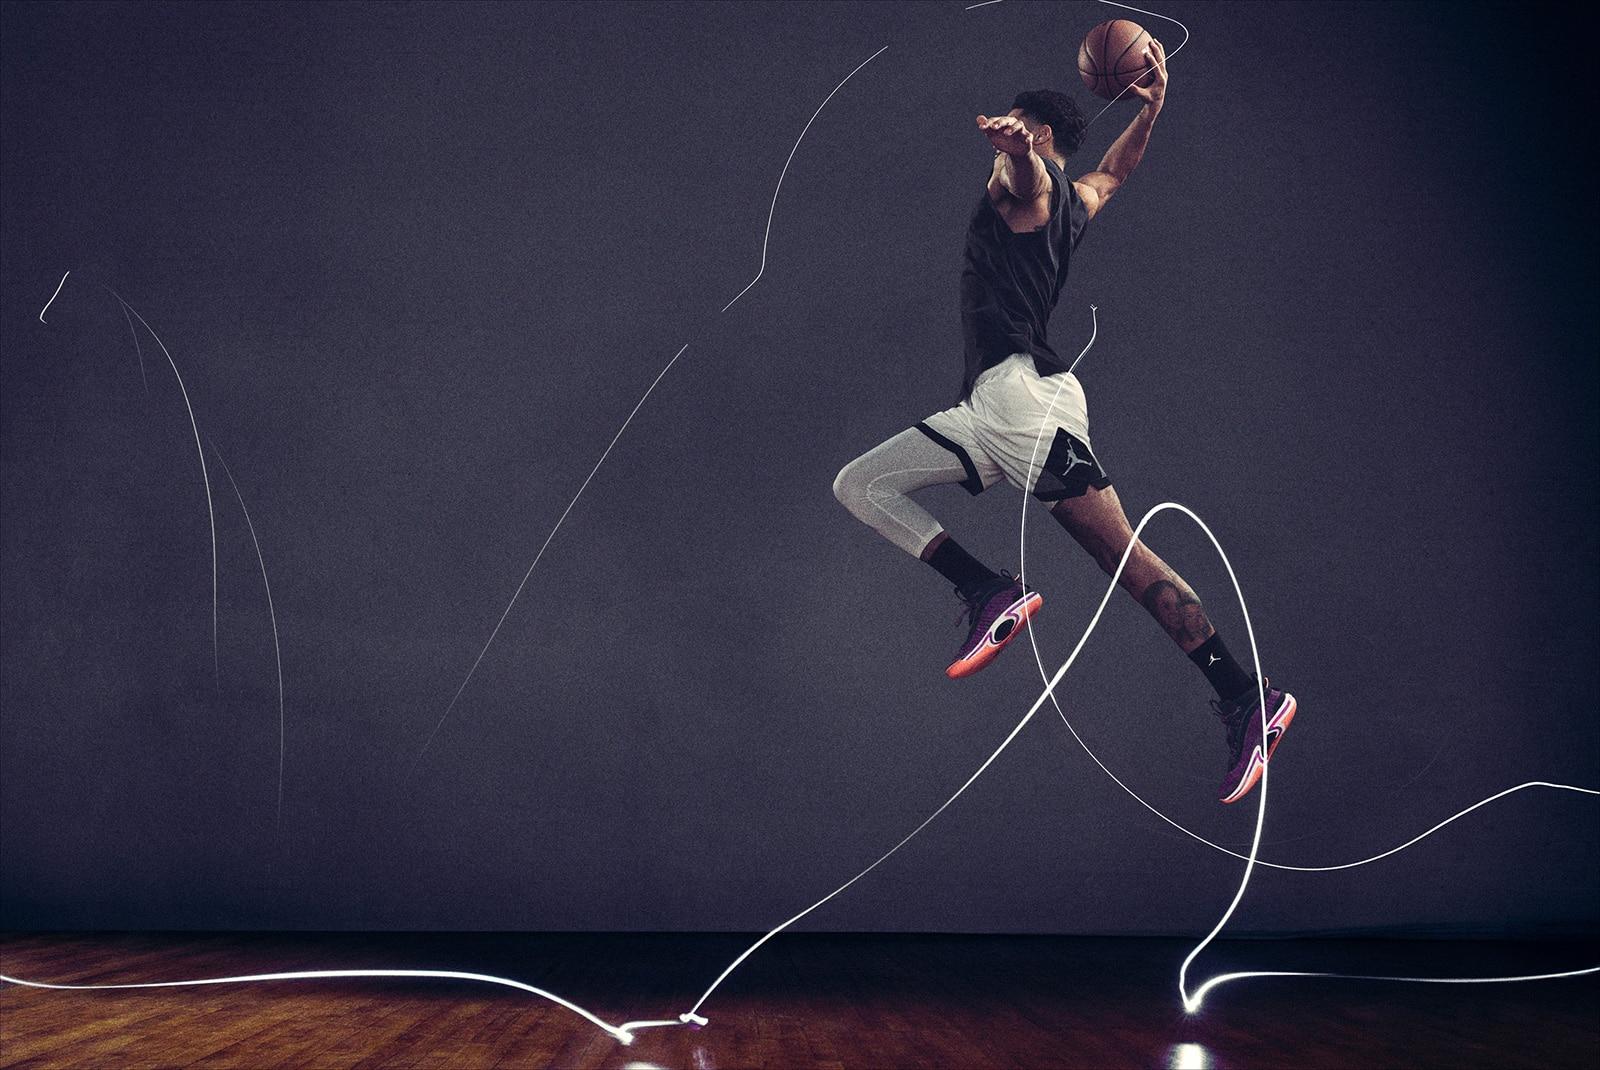 Джейсон Татум в прыжке